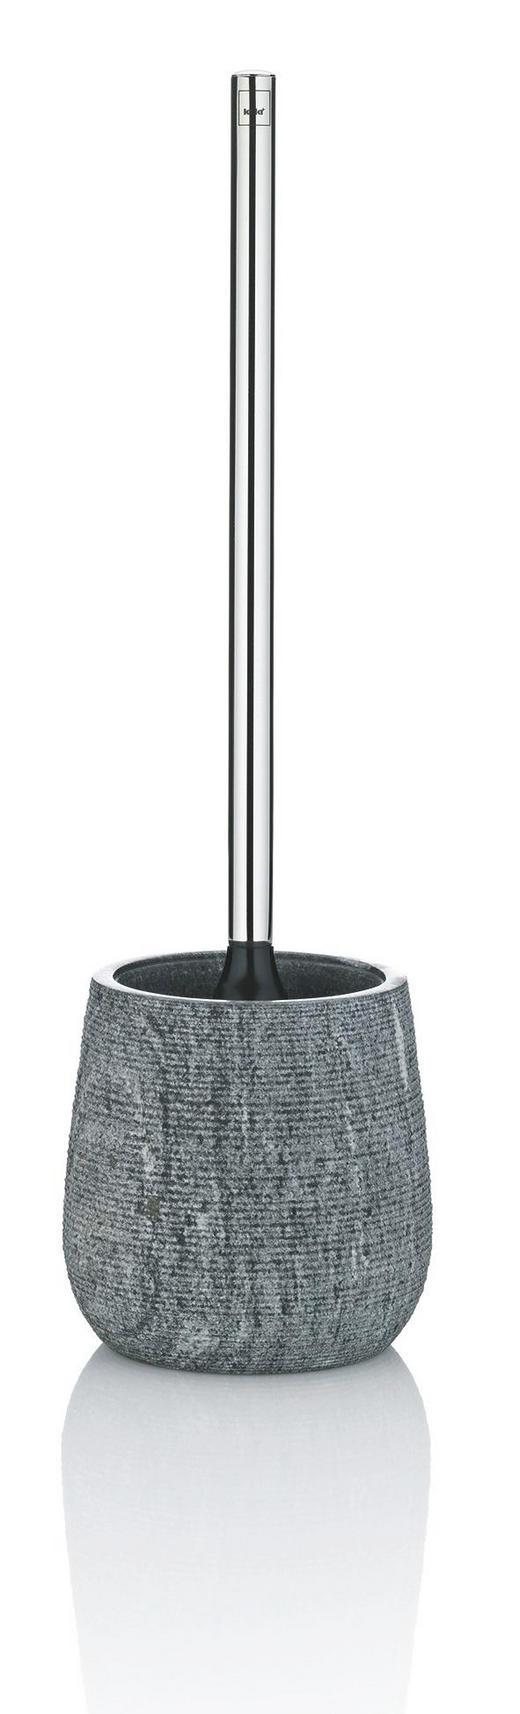 WC-BÜRSTENGARNITUR - Silberfarben/Schwarz, KONVENTIONELL, Kunststoff/Stein (13/43,5cm)